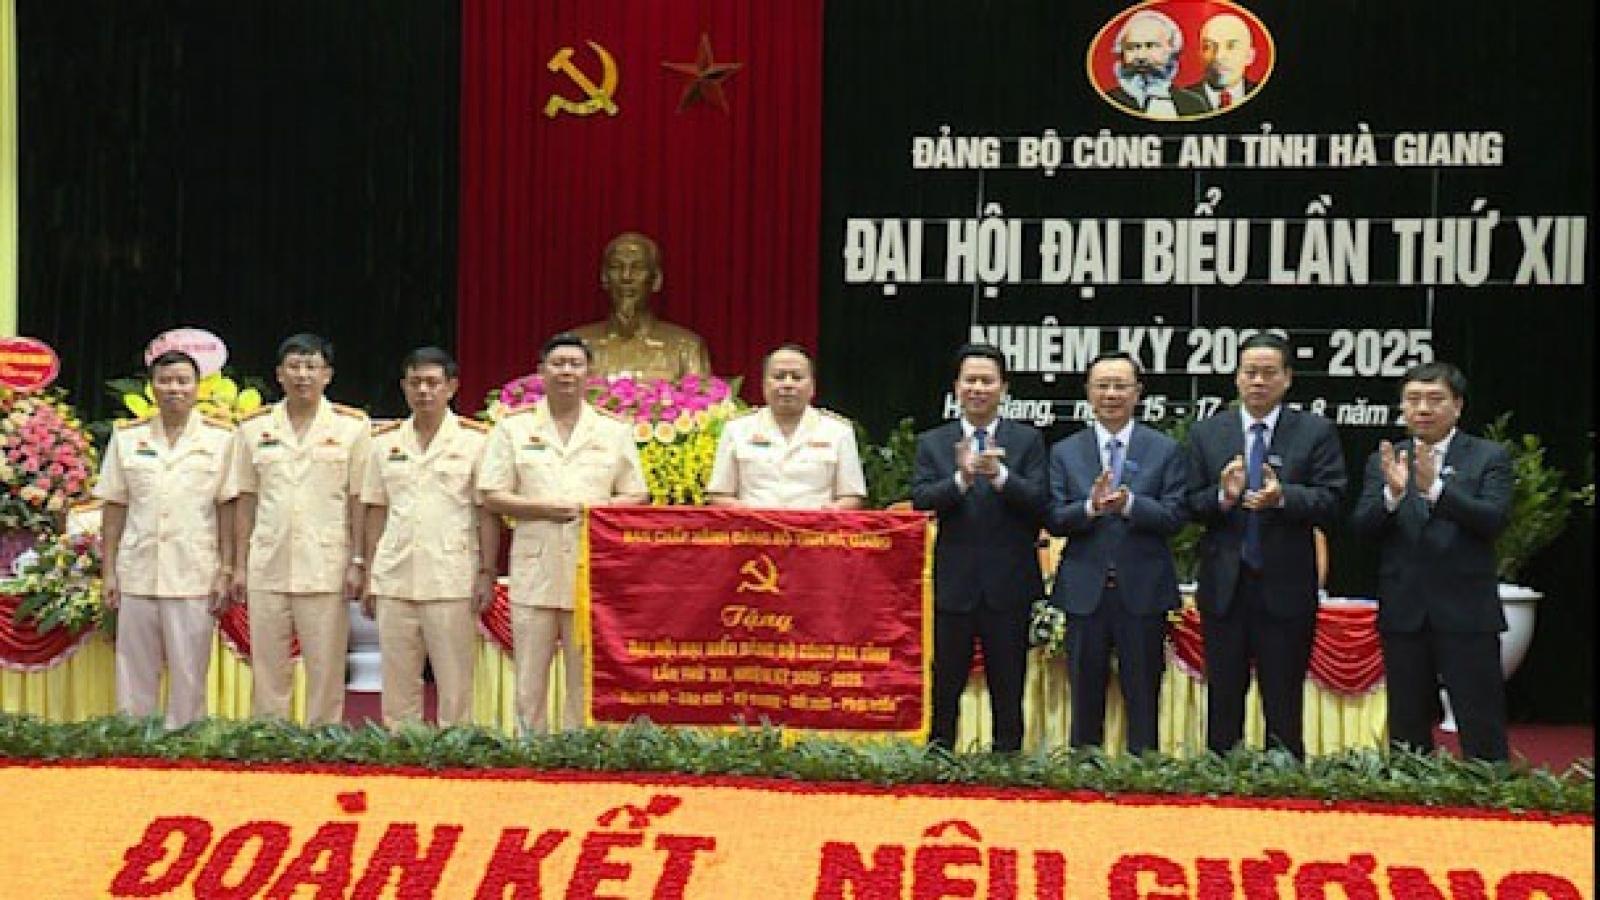 Đại tá Phan Huy Ngọc giữ chức Bí thư Đảng ủy Công an tỉnh Hà Giang